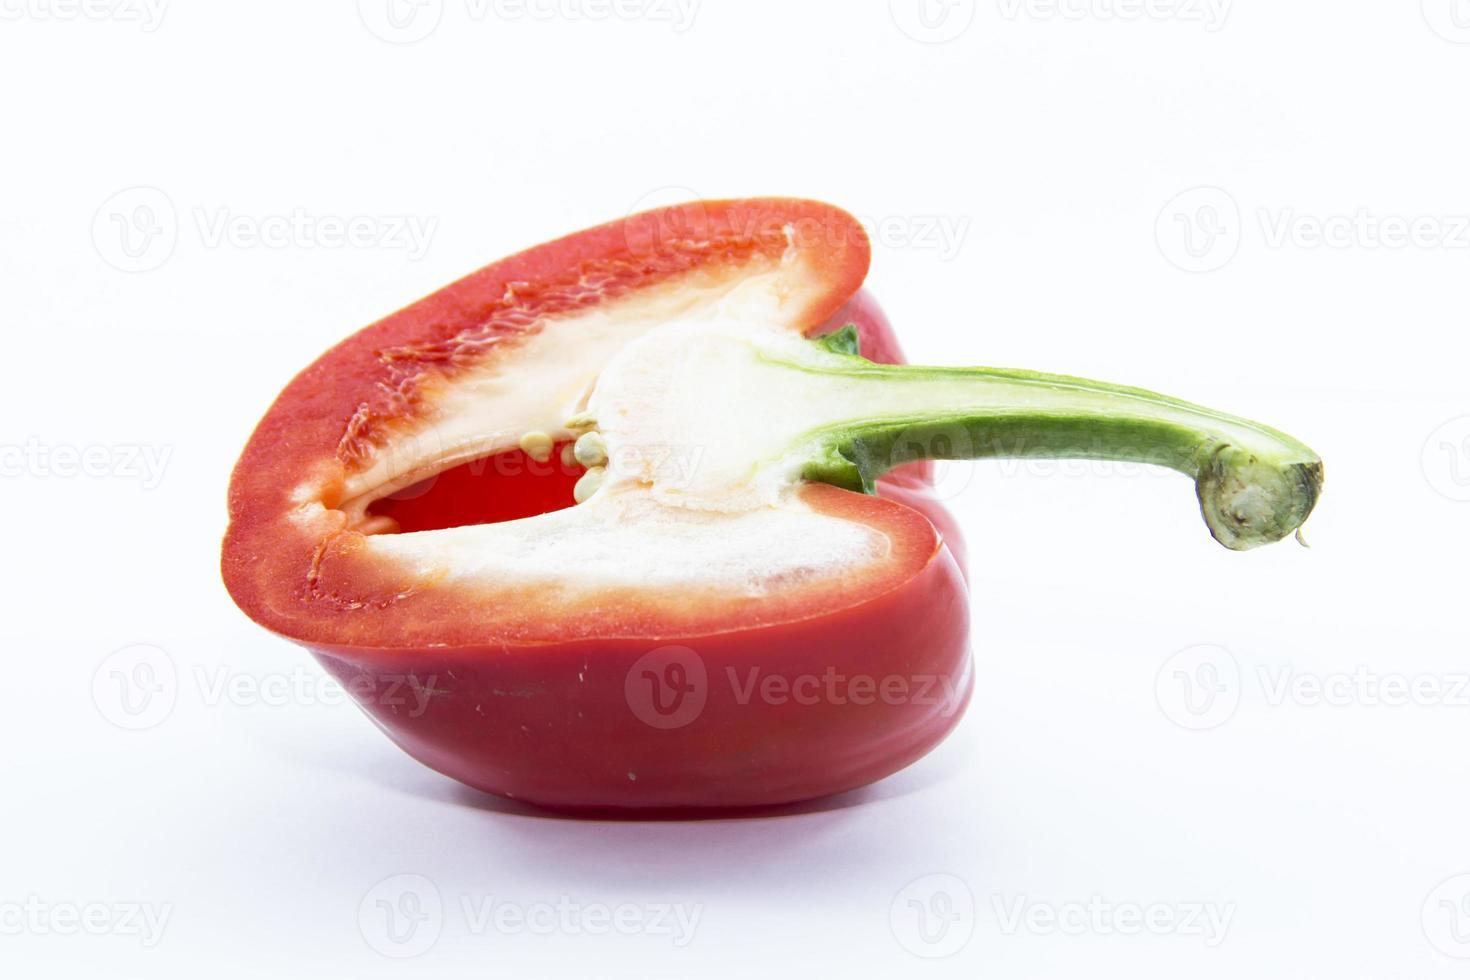 kryddig röd bell chili-sida skivad foto